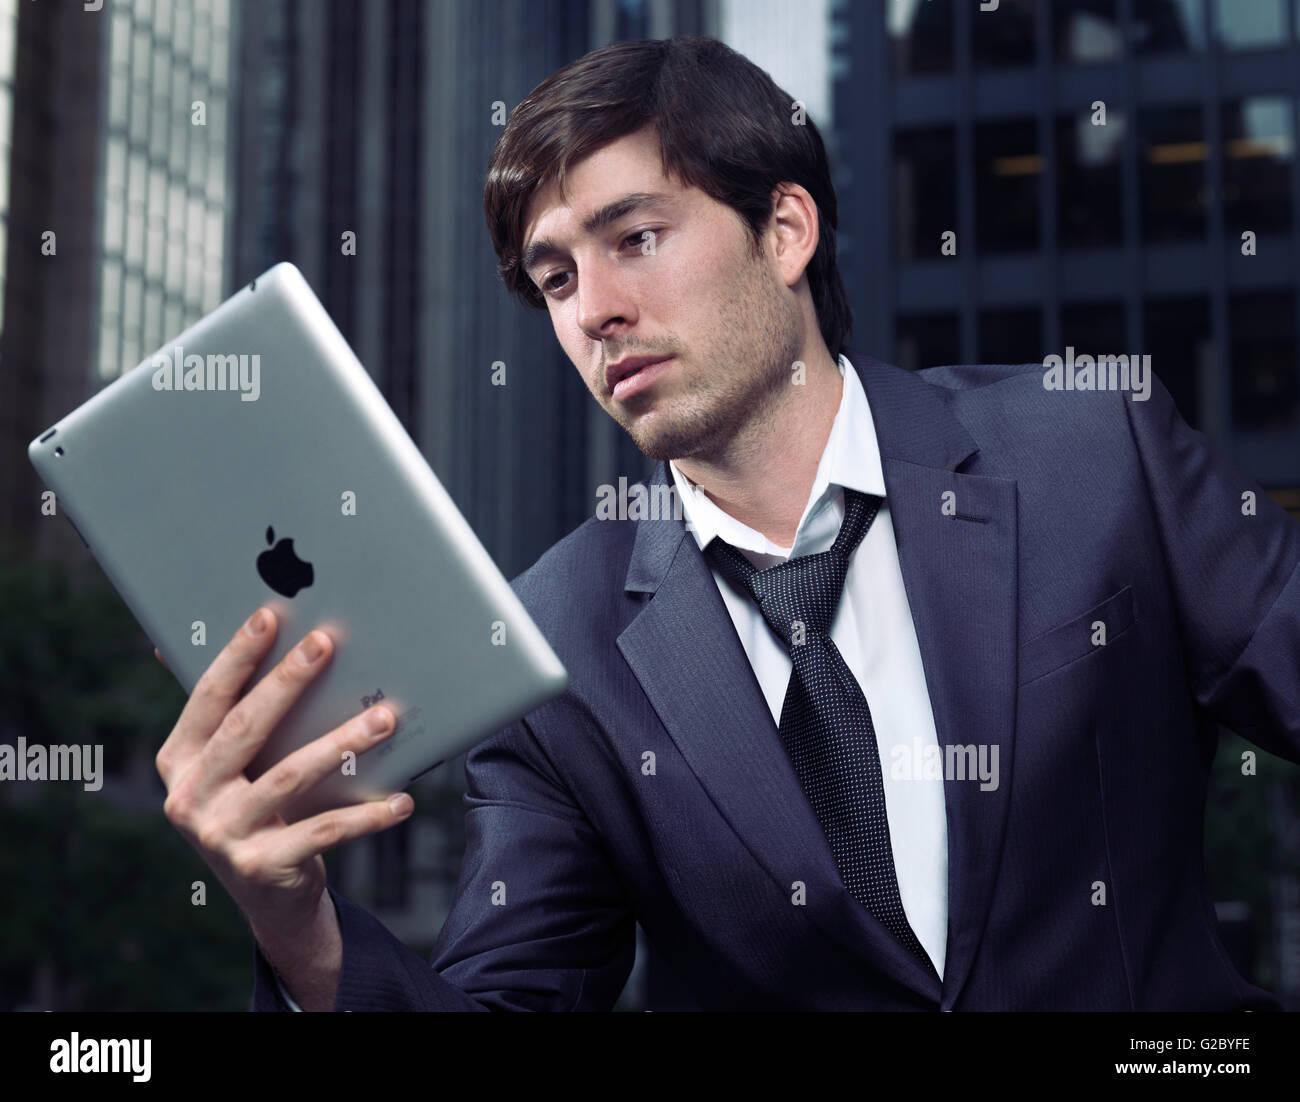 Geschäftsmann im Anzug mit Apple iPad Tablet-Computer mit Innenstadtbüro Gebäude am Rücken, Stockbild